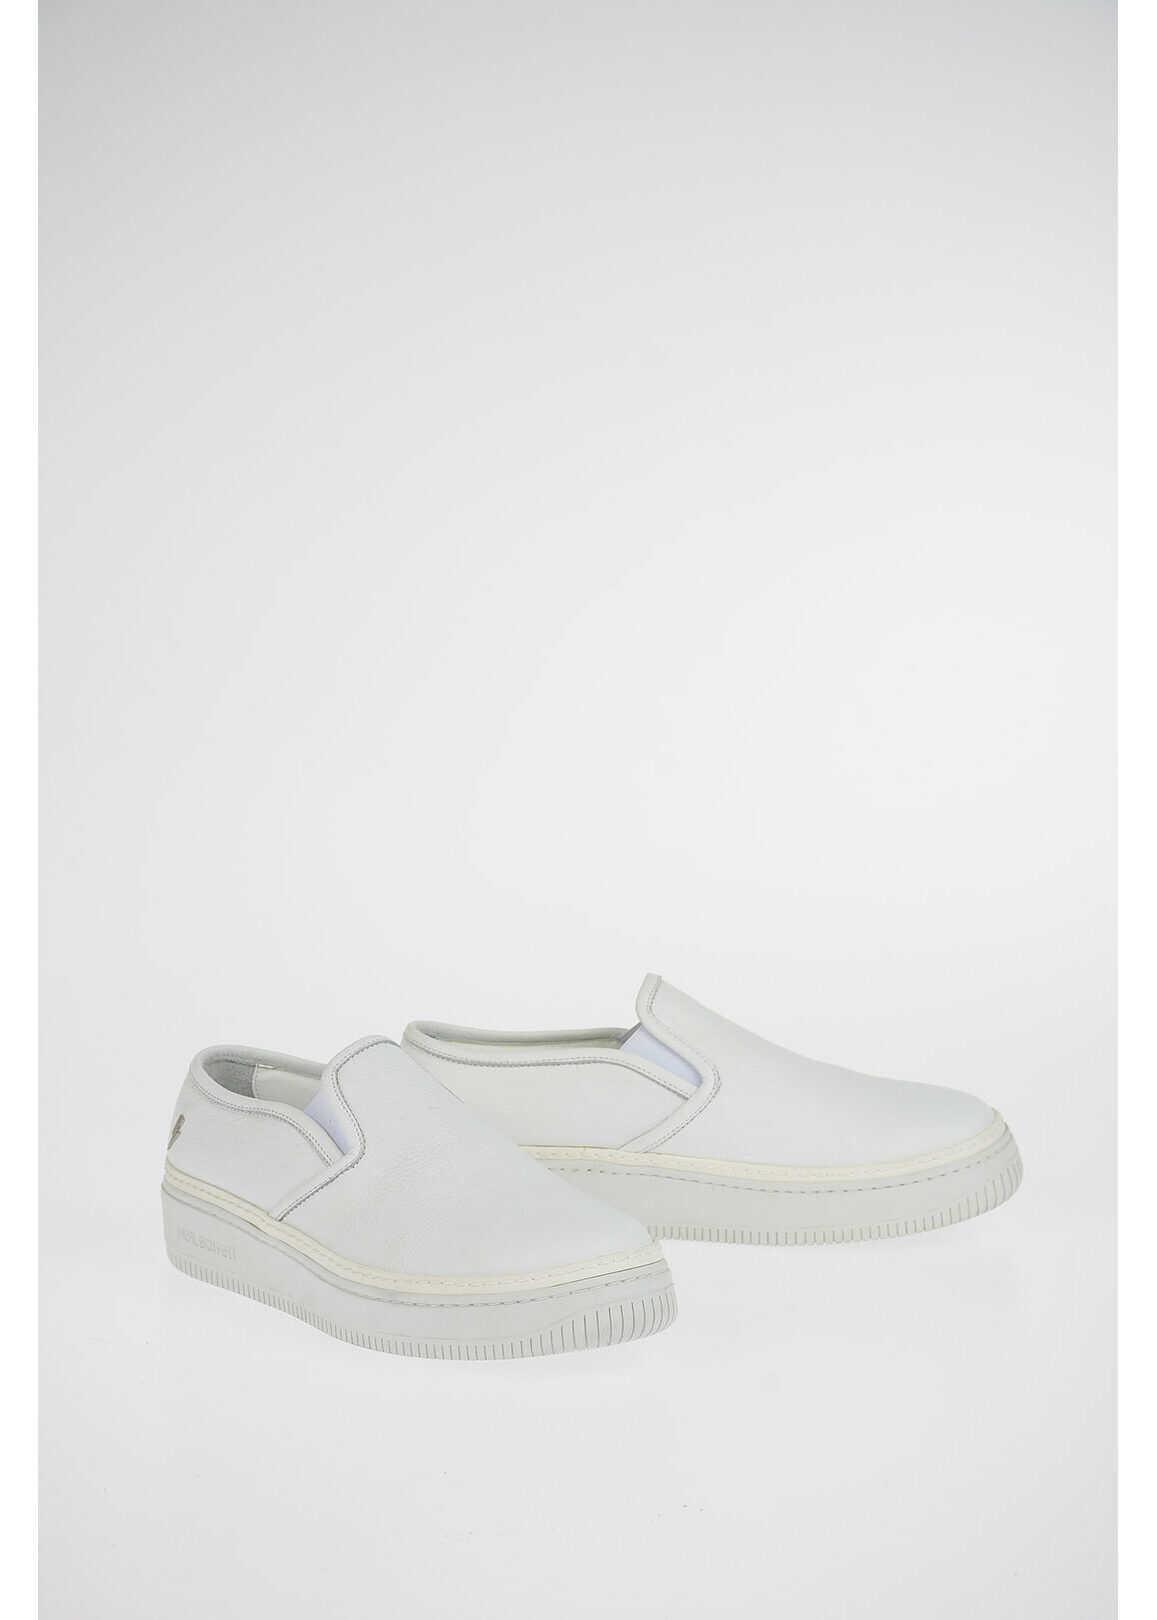 Neil Barrett Leather BASKET TRAINER Slip On Sneakers WHITE